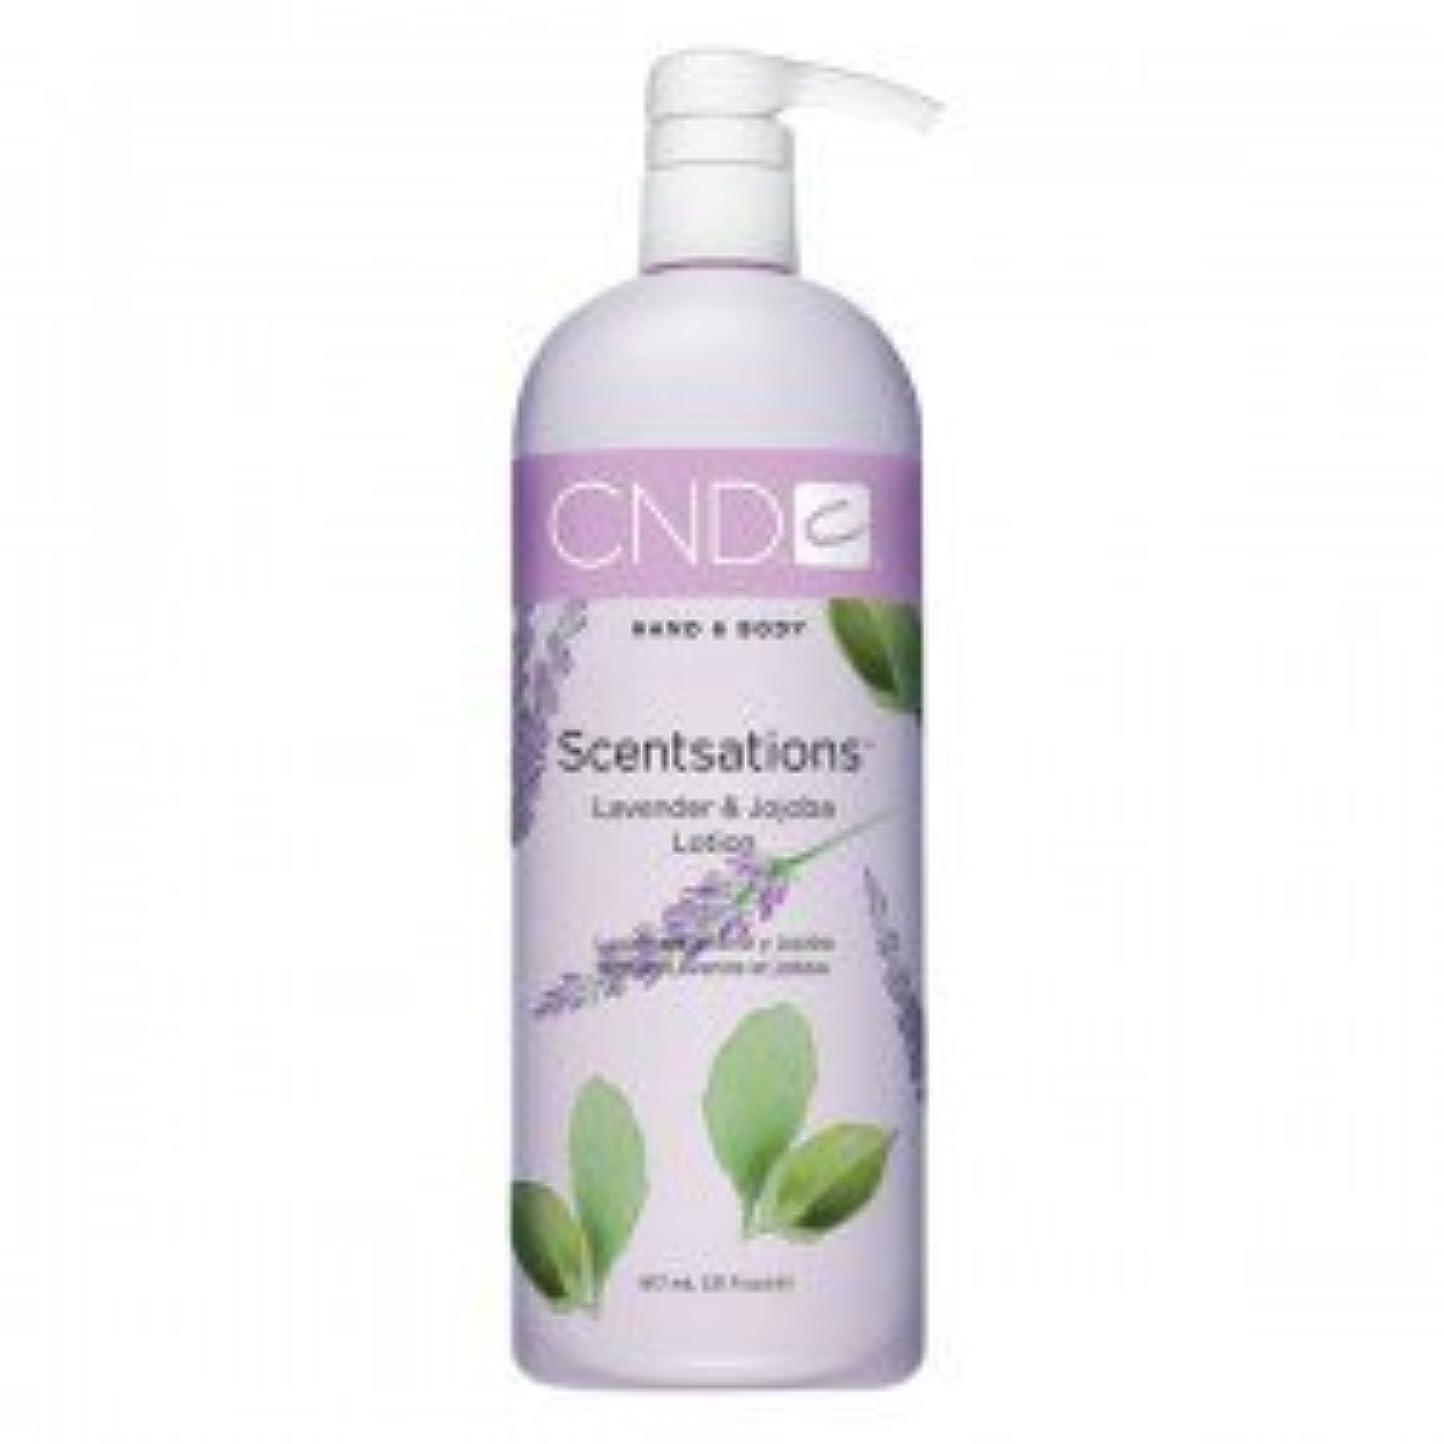 リフレッシュ量フィールドCND Scentsations Lavender & Jojoba Hand & Body Lotion - 33oz by Creative Nail [並行輸入品]